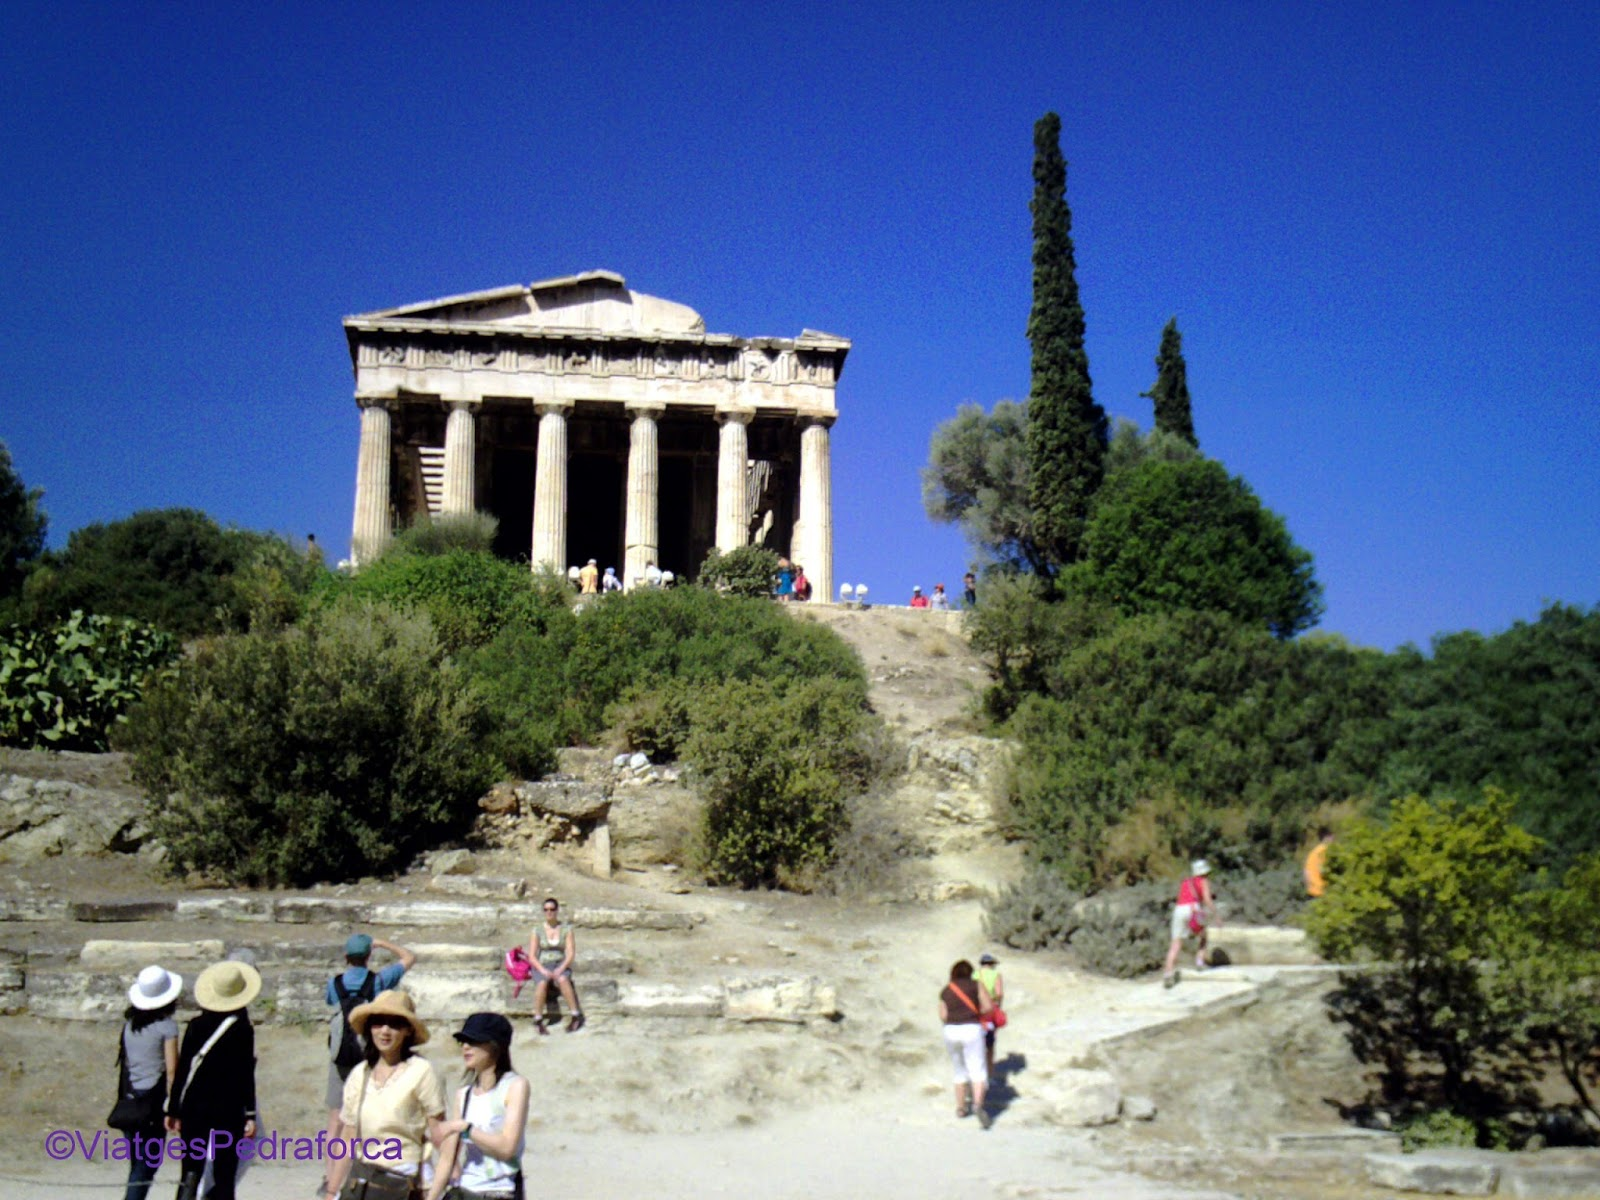 Àgora Grega, Atenes, Grècia Clàssica, arqueologia de Grècia